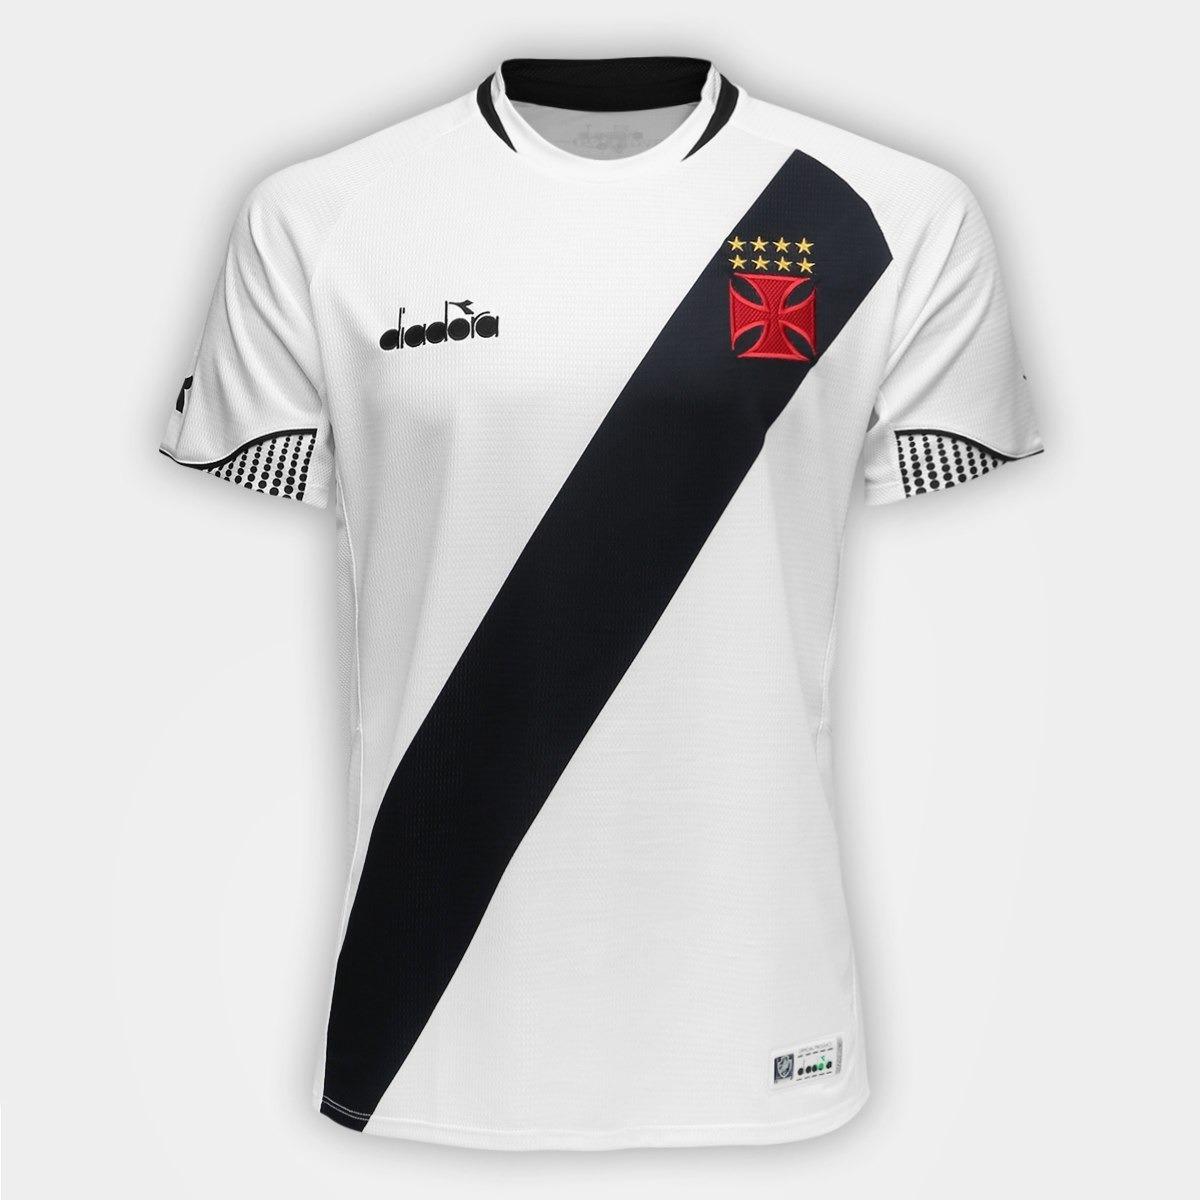 cc54e8bd0 camiseta oficial vasco da gama 2019. Carregando zoom.